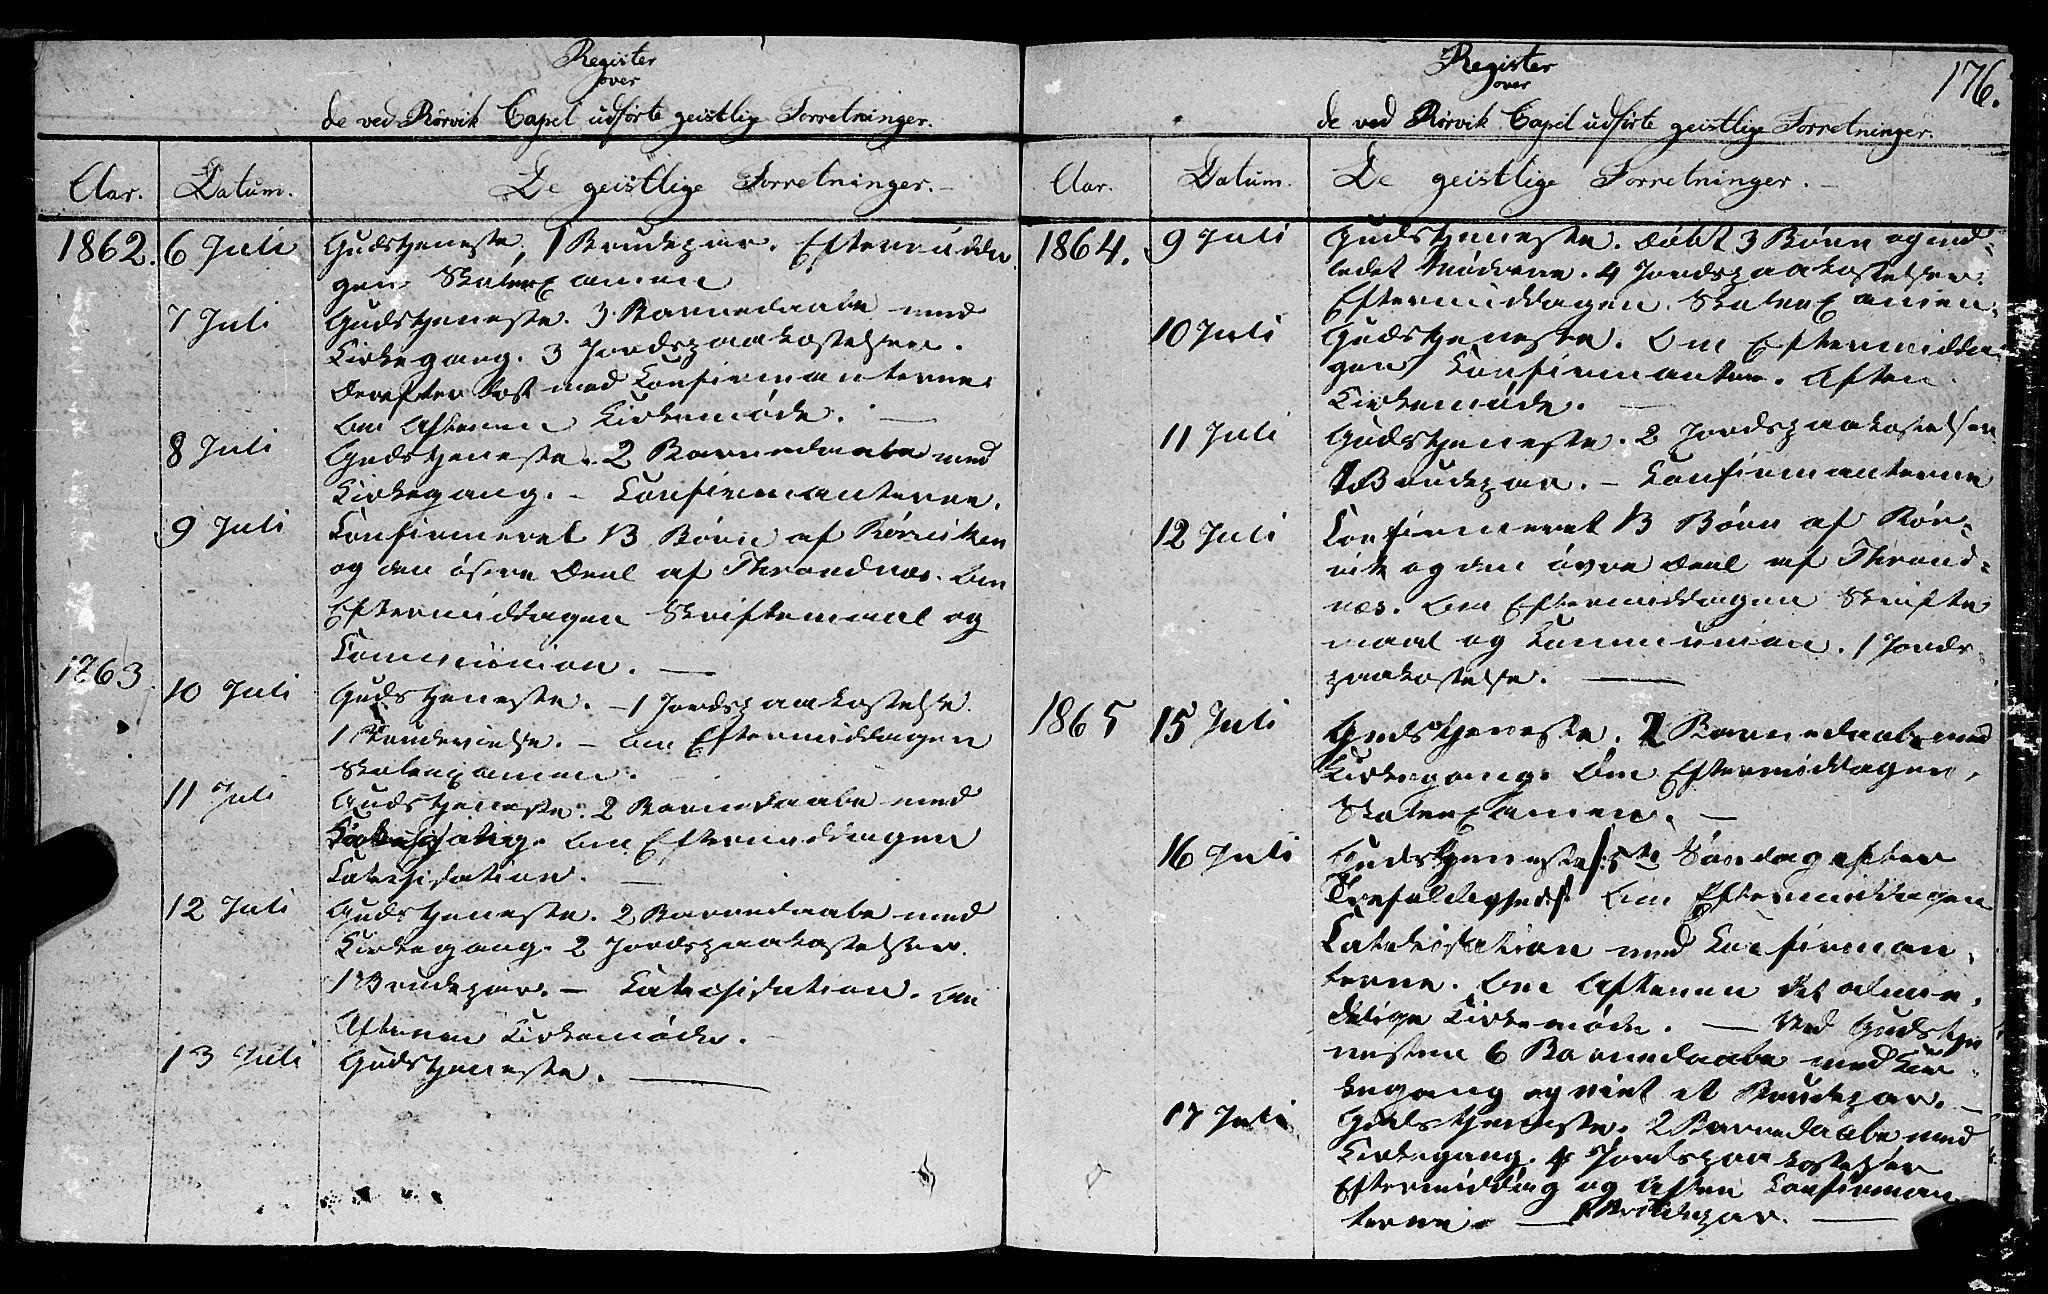 SAT, Ministerialprotokoller, klokkerbøker og fødselsregistre - Nord-Trøndelag, 762/L0538: Ministerialbok nr. 762A02 /1, 1833-1879, s. 176